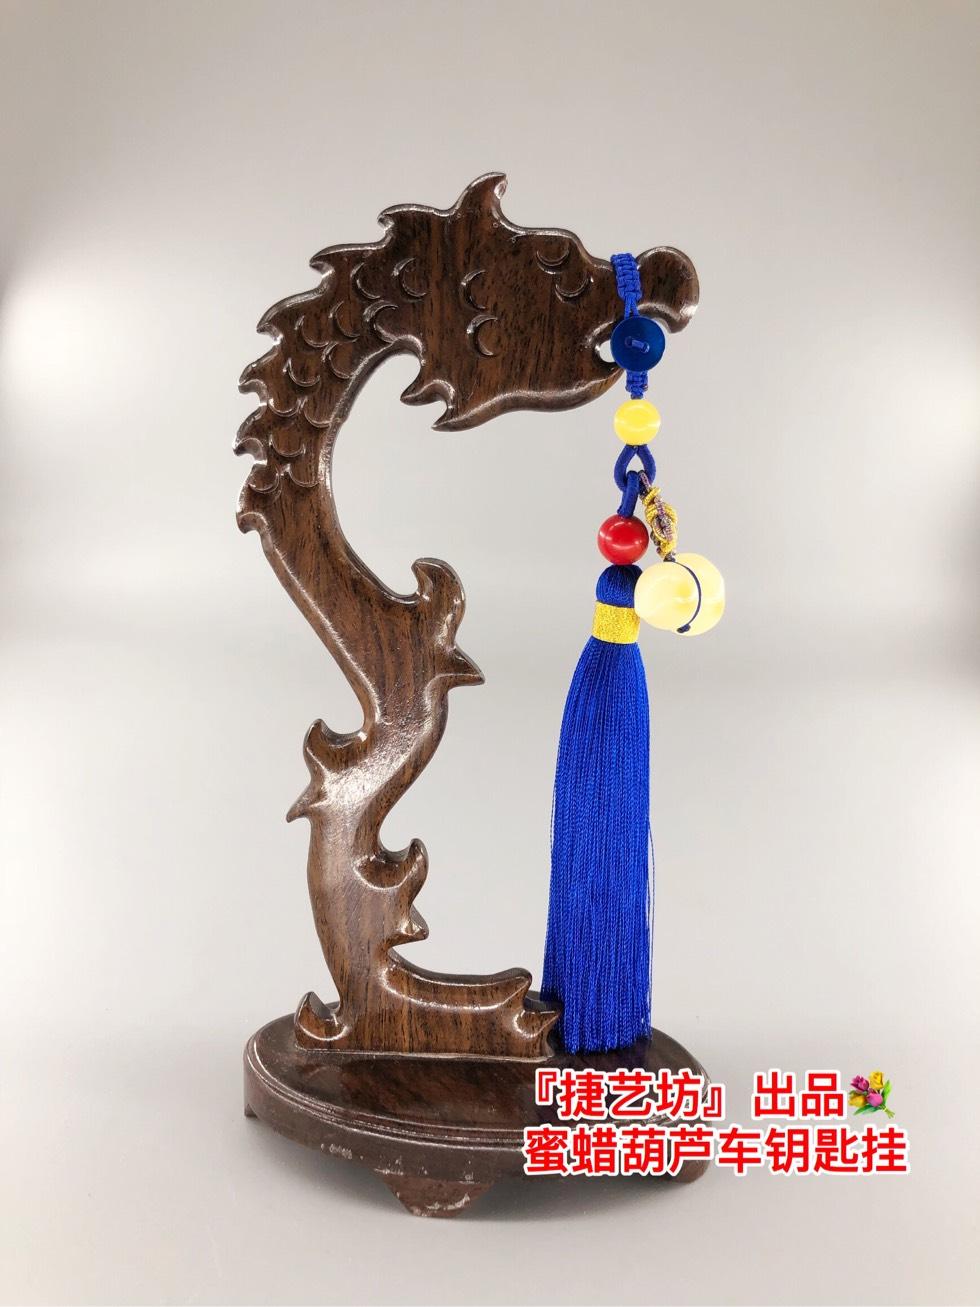 中国结论坛 蜜蜡钥匙挂 蜜蜡,钥匙,蜜蜡吊坠怎么挂 作品展示 105541pidpweqmdp7hp1wy